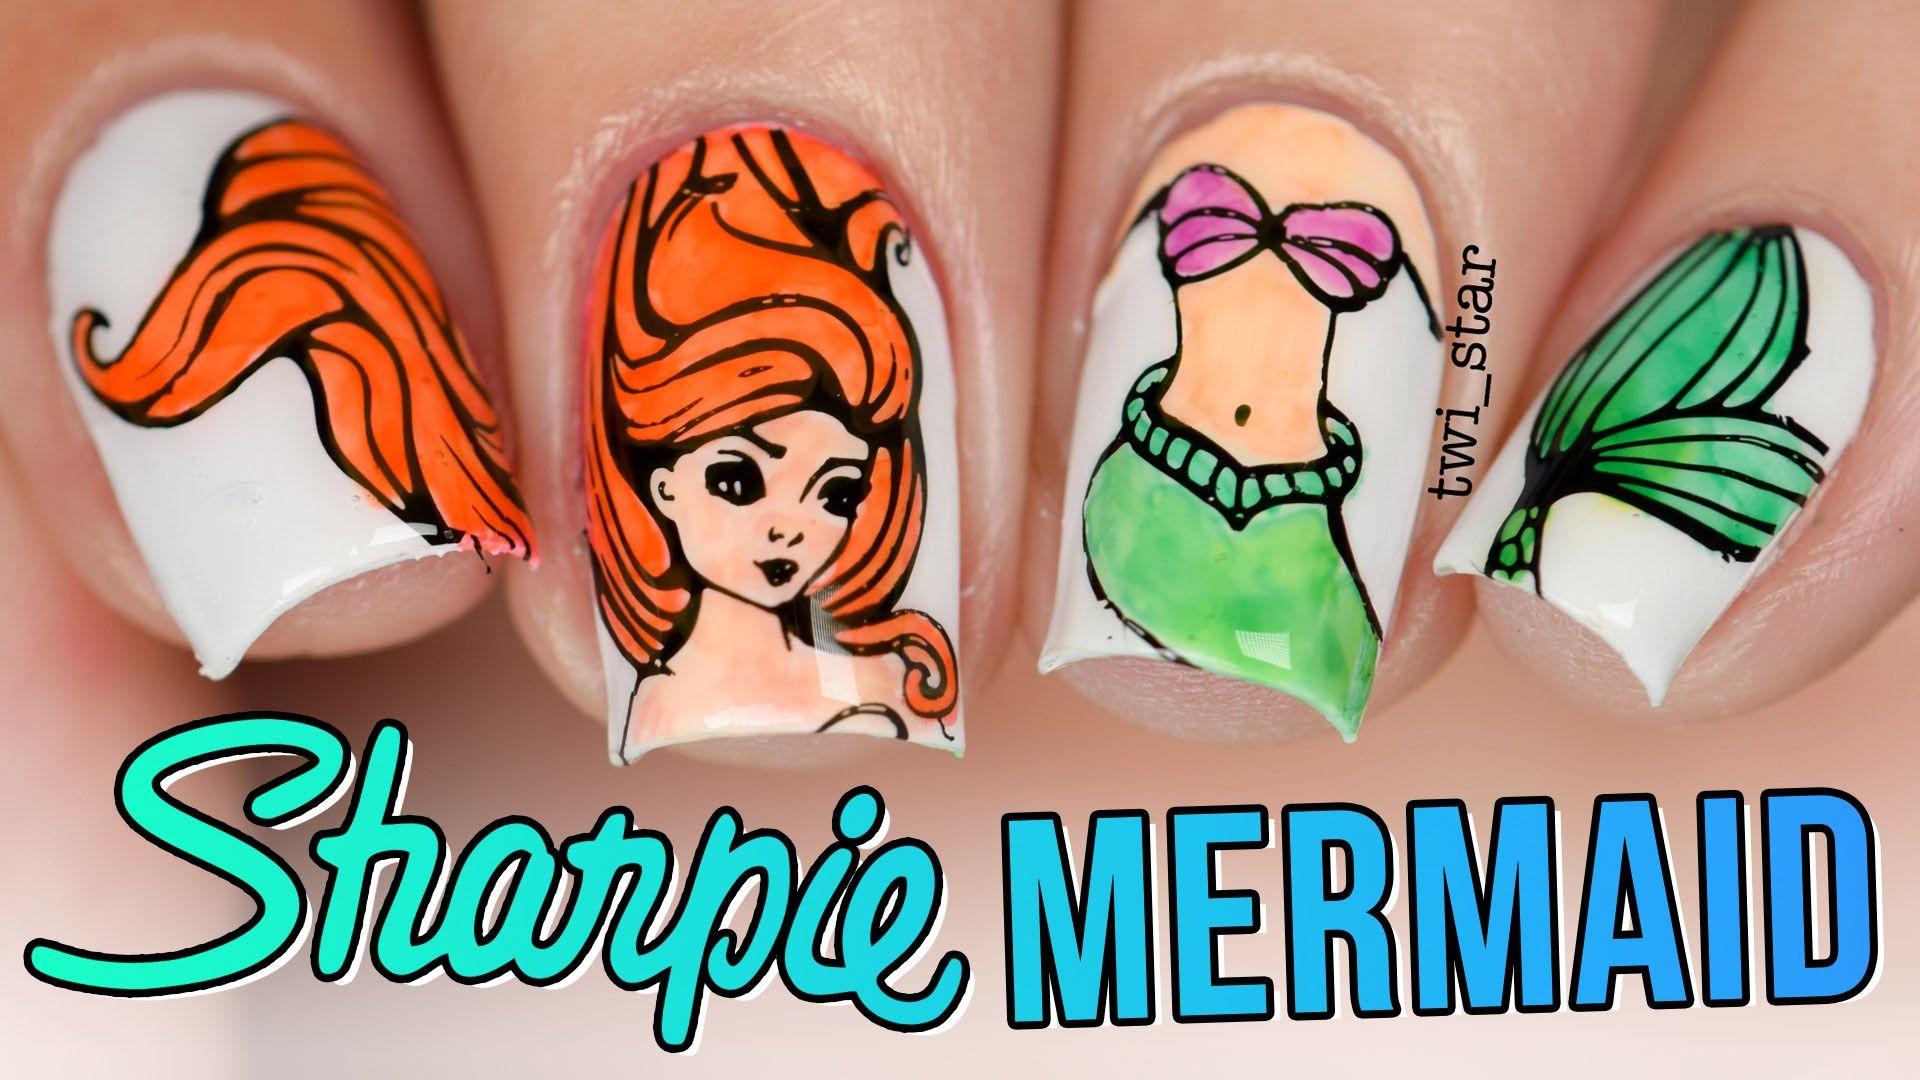 Pin by twi_star on twi_star Nail Art | Mermaid nails ...